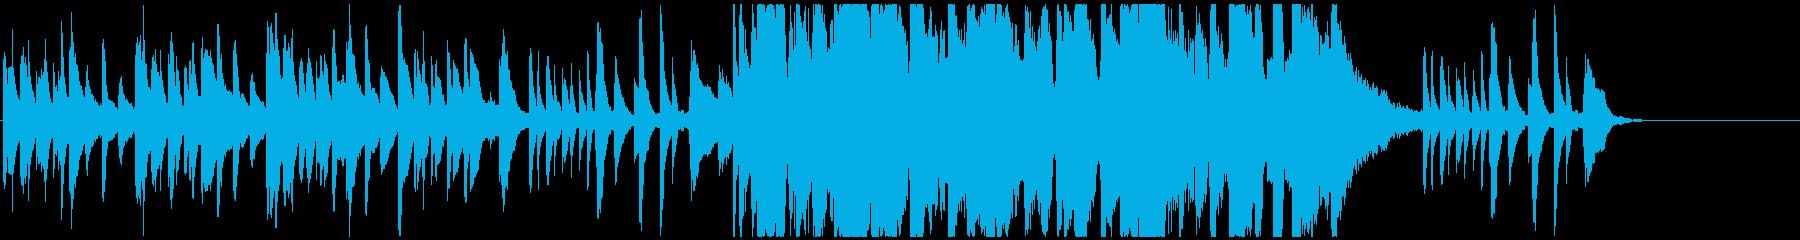 小粋お洒落なフレンチジャズ 後半盛り上りの再生済みの波形